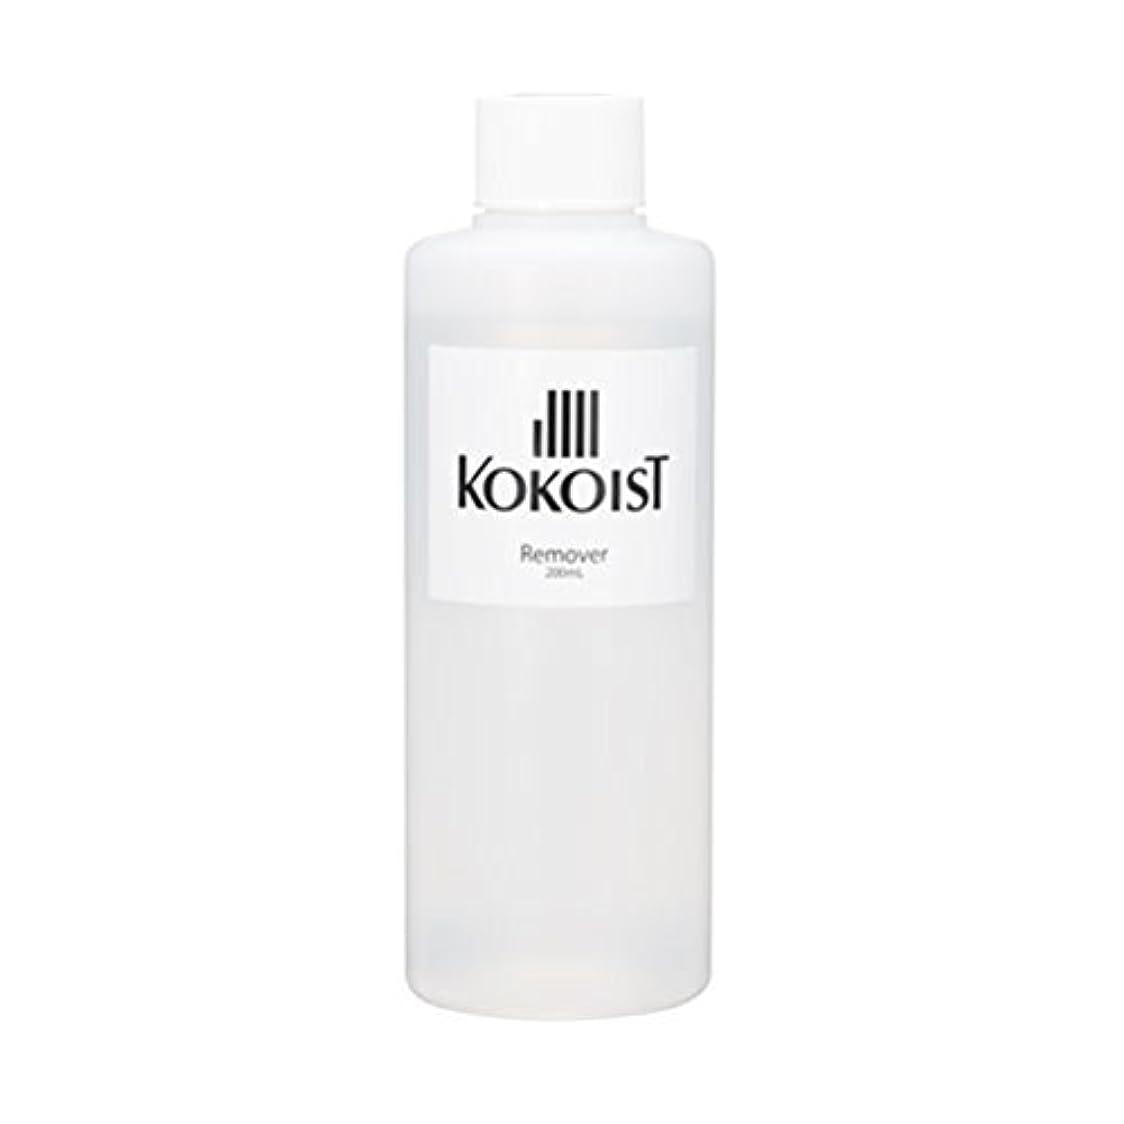 教える美容師ポスト印象派KOKOIST(ココイスト) リムーバー 200ml